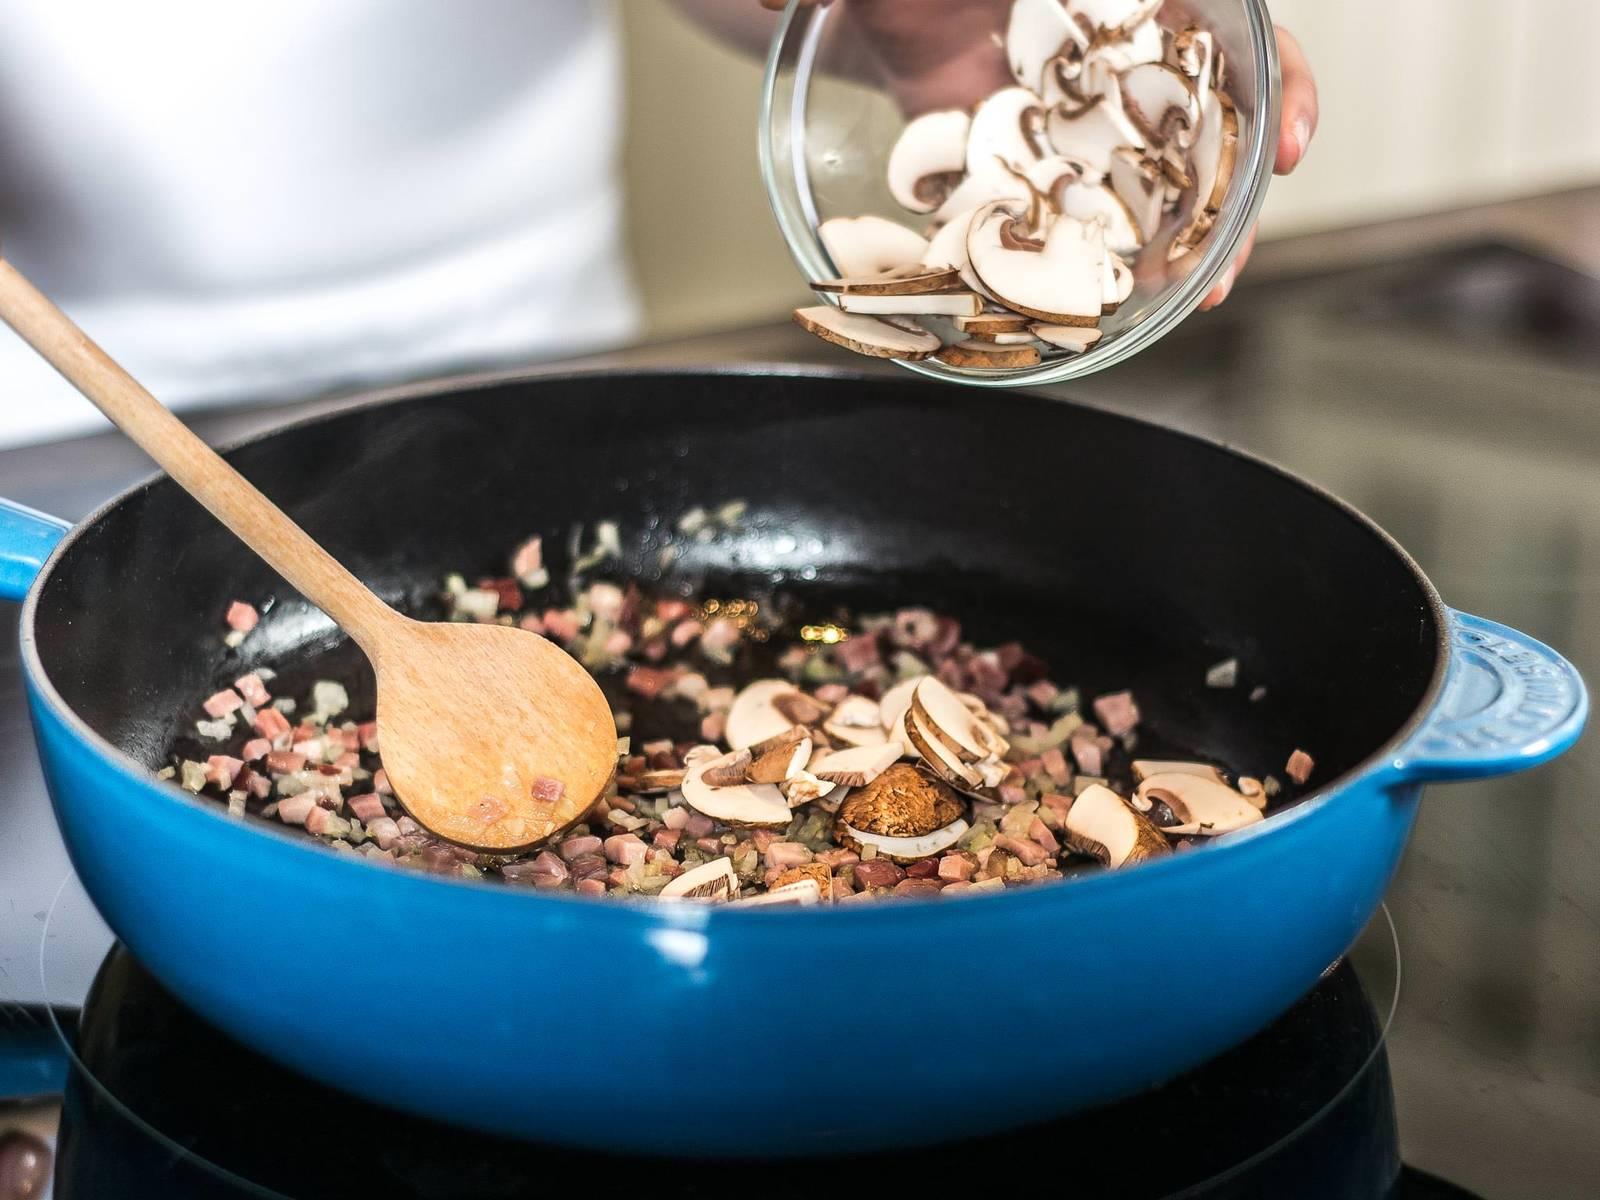 在大平底锅中注入少许植物油,先用高温煸炒培根,然后加入洋葱与蘑菇一起翻炒片刻。